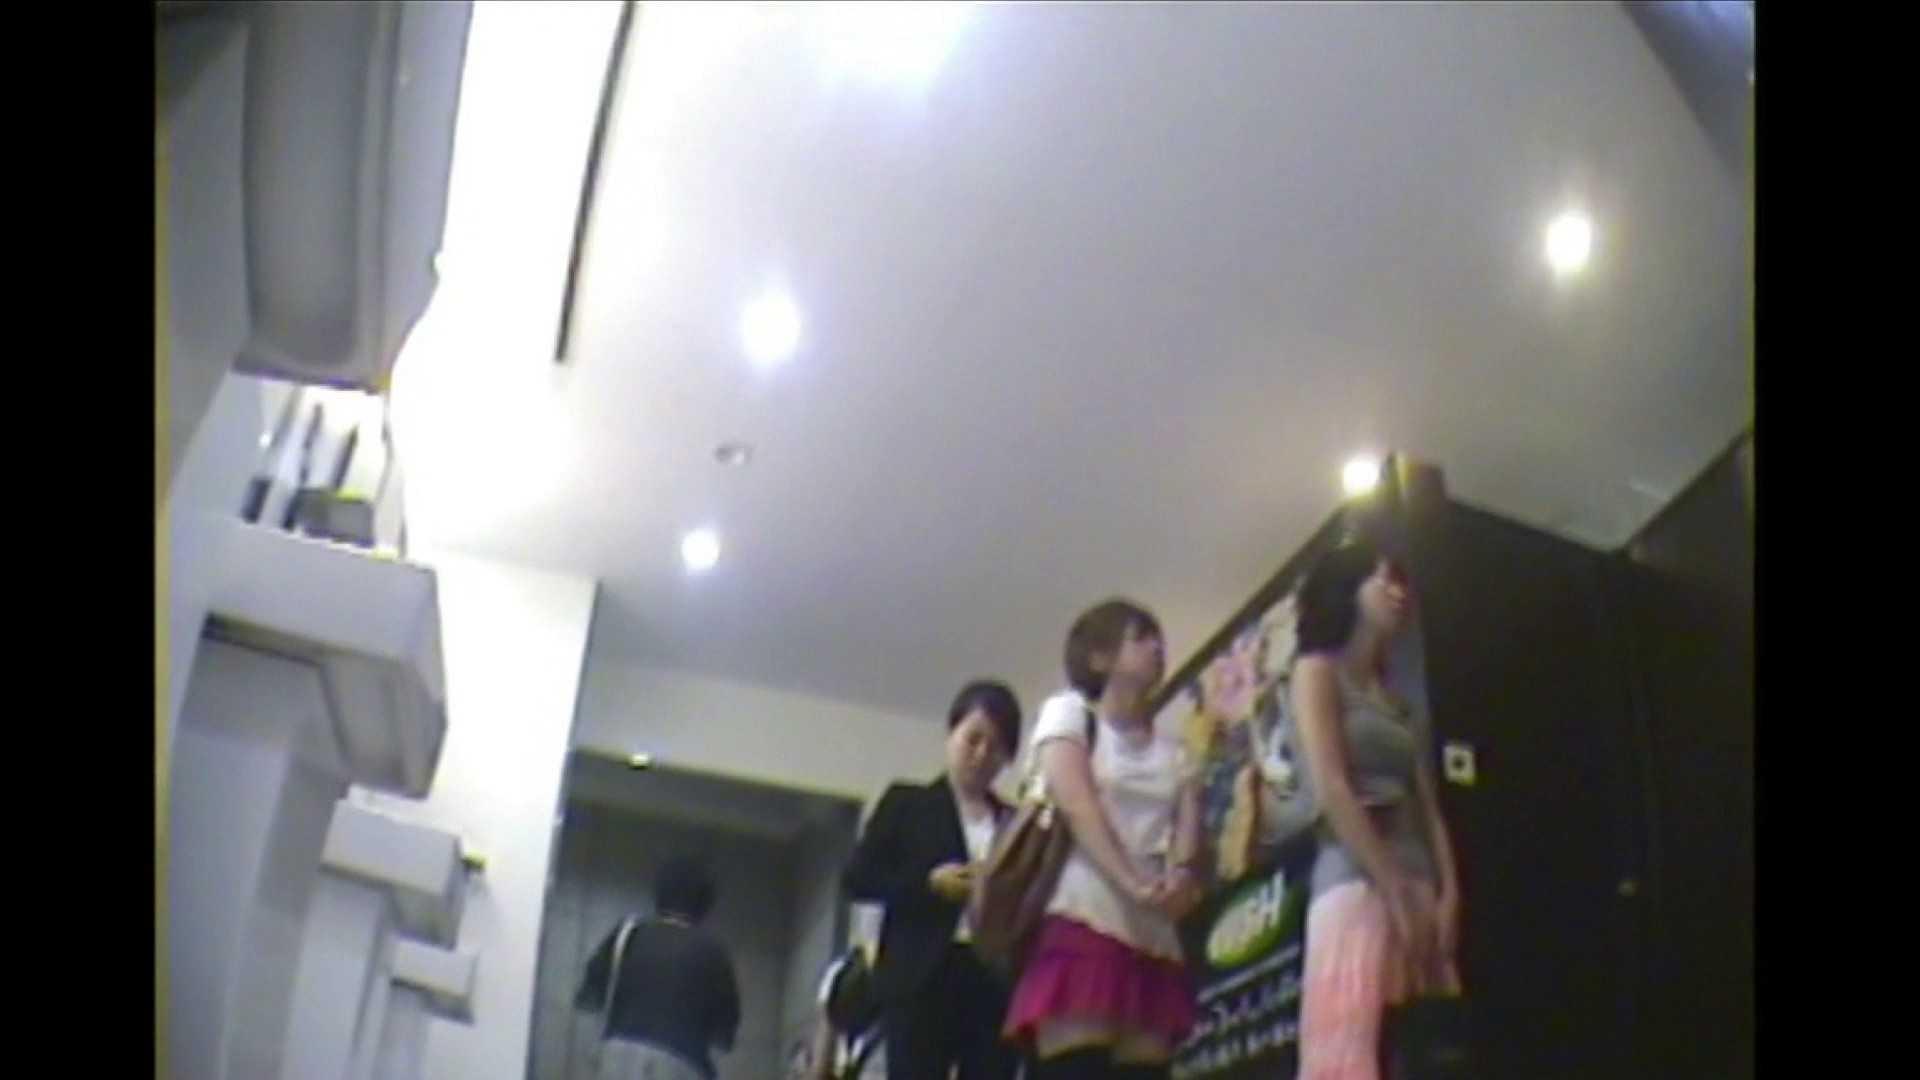 お漏らし寸前デパトイレ盗撮!Vol.05 お漏らし 盗み撮り動画 93PIX 24